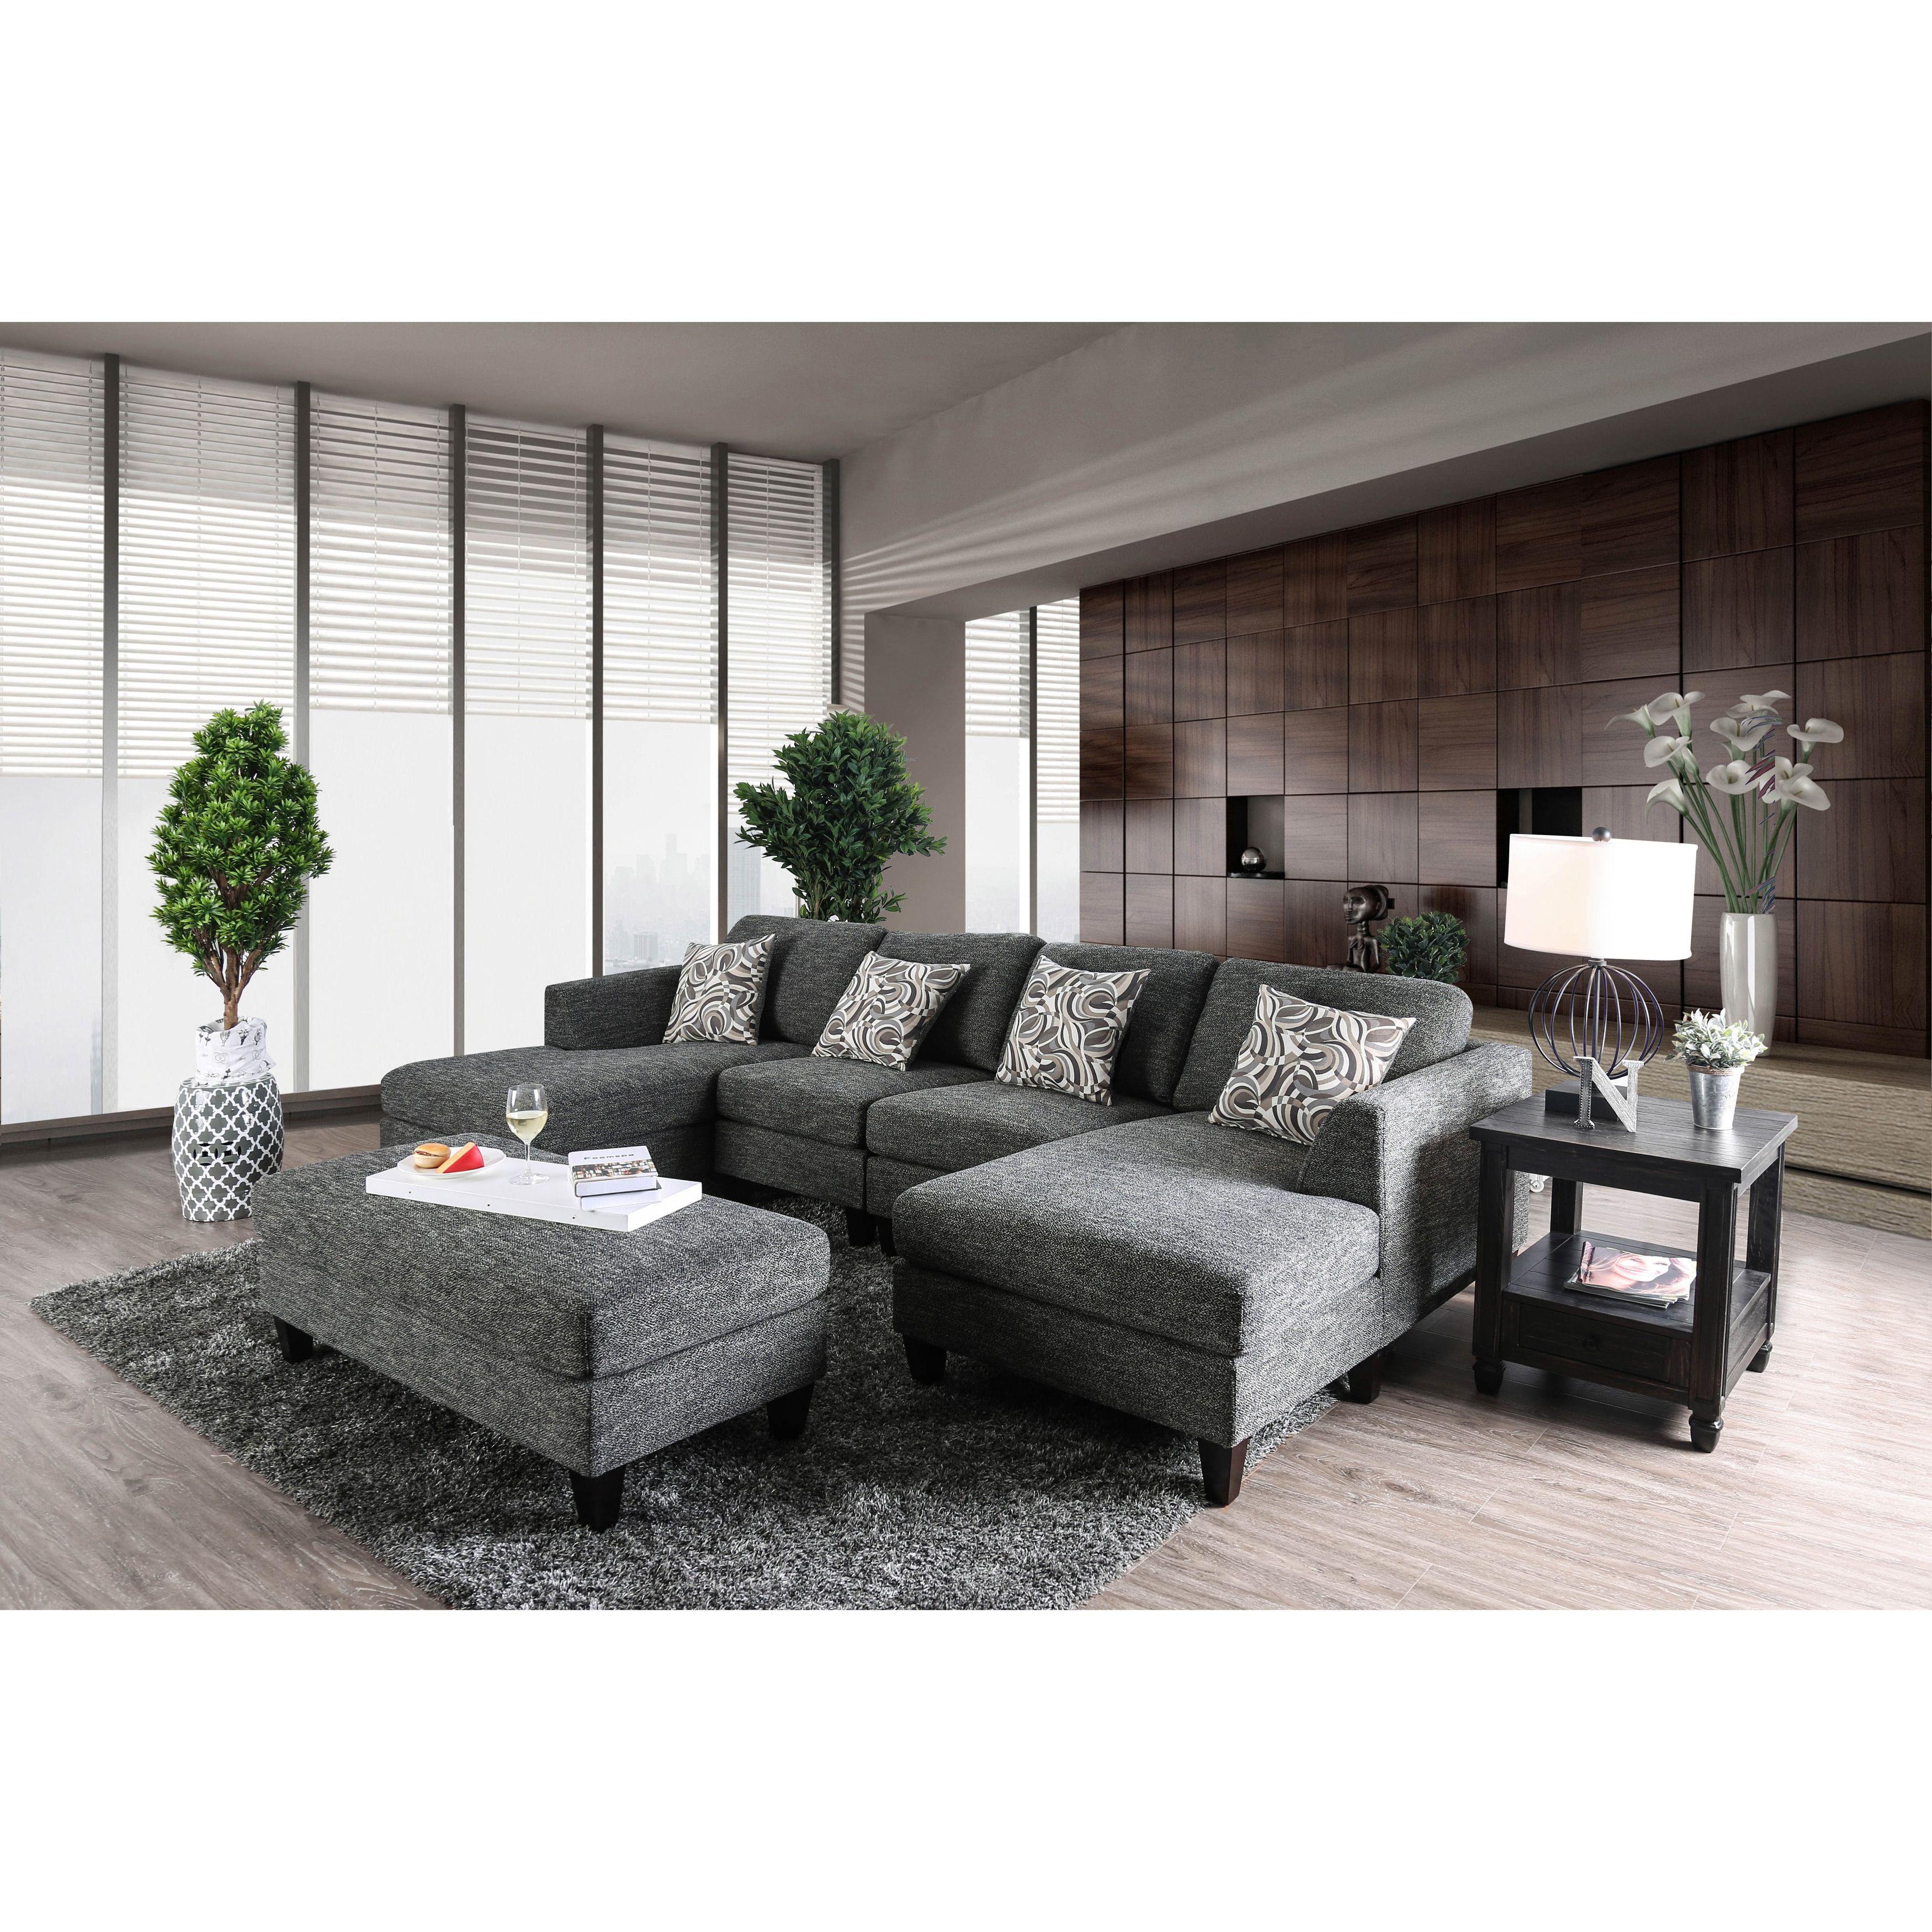 Furniture of America Breckenridge Grey 4-piece Chenille Modular ...